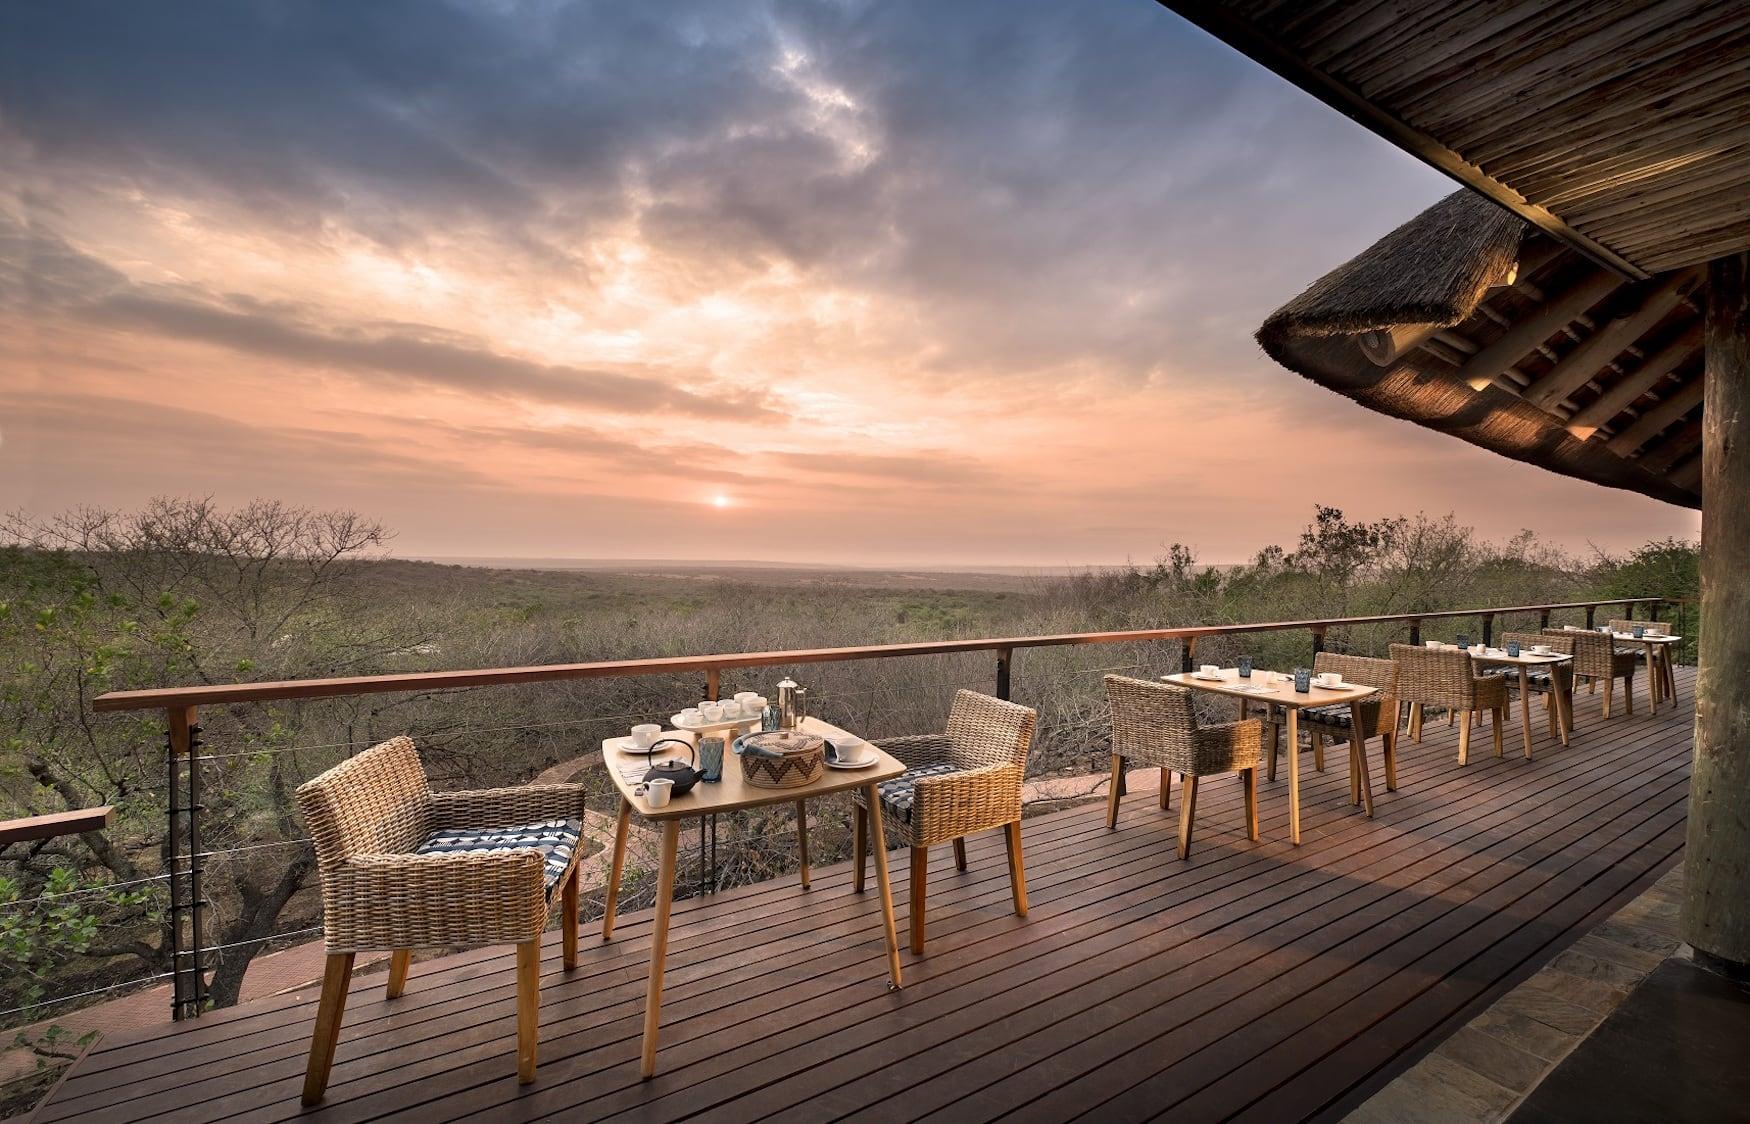 Aussichten von der Dining Area der Phinda Mountain Lodge auf die umliegenden Landschaften